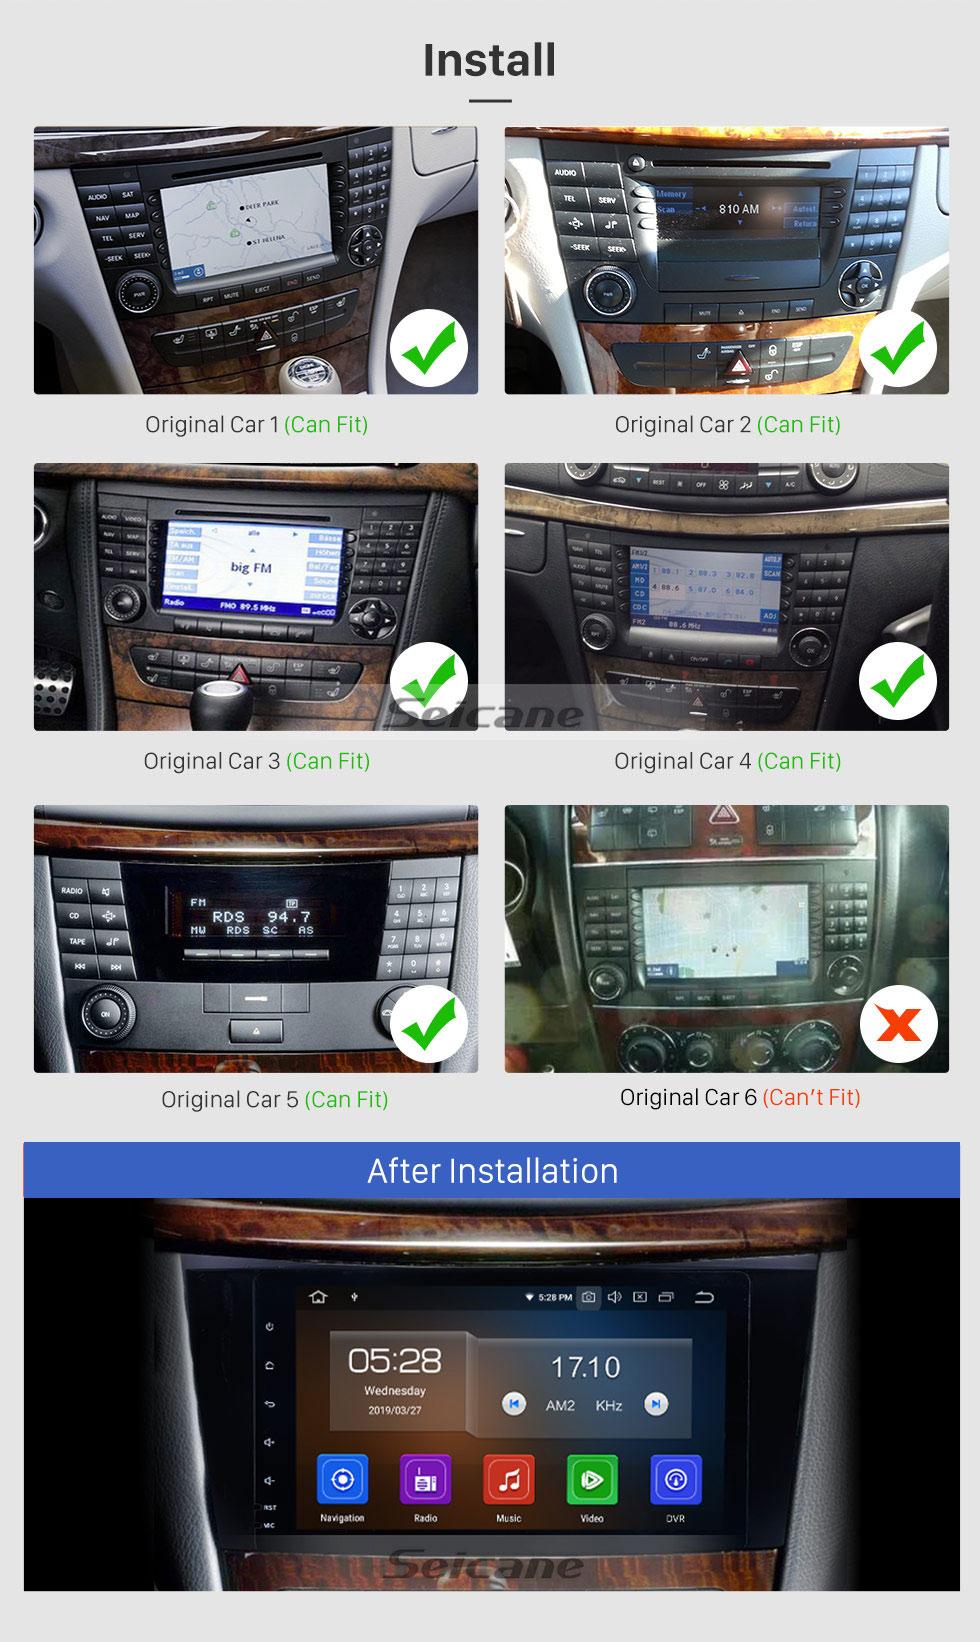 Seicane 8 Zoll Android 9.0 Radio IPS Vollbild GPS Navigation Auto Multimedia Player für 2005-2006 Mercedes Benz CLK W209 mit RDS 3G WiFi Bluetooth Spiegel Link OBD2 Lenkradsteuerung